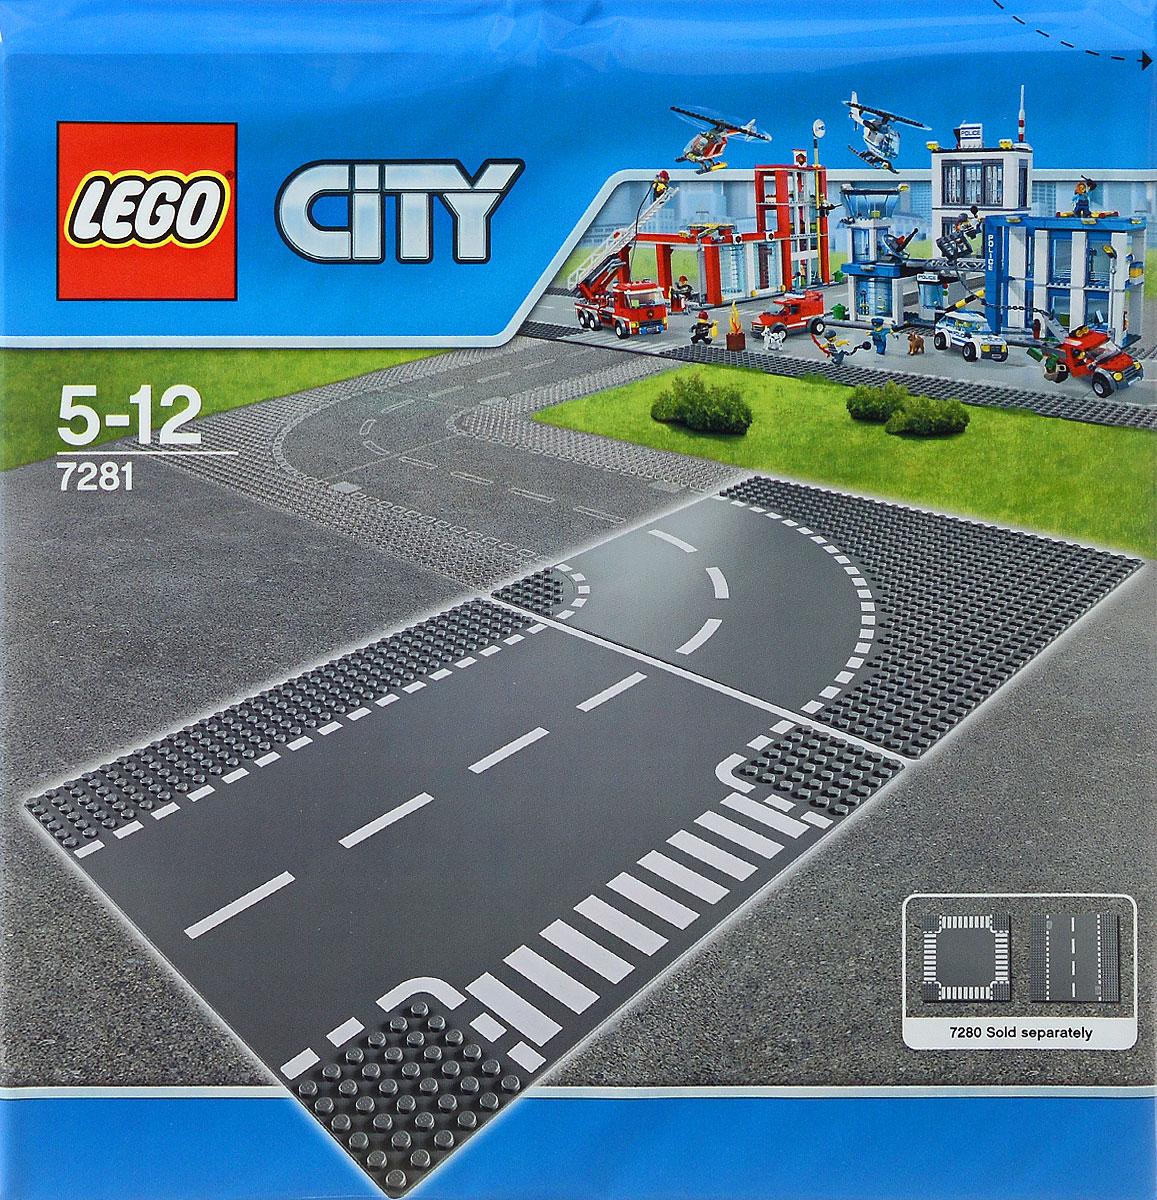 LEGO City Конструктор Т-образная развязка 72817281Конструктор LEGO серии City Т-образная развязка предназначена специально для игр с машинками Lego. На пластину нанесена дорожная разметка. Пластина состоит из двух участков дороги. С помощью такой пластины можно создавать сложные трассы и превратить игру в настоящие приключения! В процессе игры с конструкторами LEGO дети приобретают и постигают такие необходимые навыки как познание, творчество, воображение. Обычные наблюдения за детьми показывают, что единственное, чему они с удовольствием посвящают время - это игры. Игра - это состояние души, это веселый опыт познания реальности. Играя, дети создают собственные миры, осваивают их, восстанавливают прошедшие и будущие события через понарошку, а, познавая, приобретают знания и умения. Фантазия ребенка безгранична, беря свое начало в детстве, она позволяет ребенку учиться представлять в уме, она помогает ему выражать свою индивидуальность, творить, давать форму или выражение чувствам, идеям, а это означает, что ребенок, несомненно,...